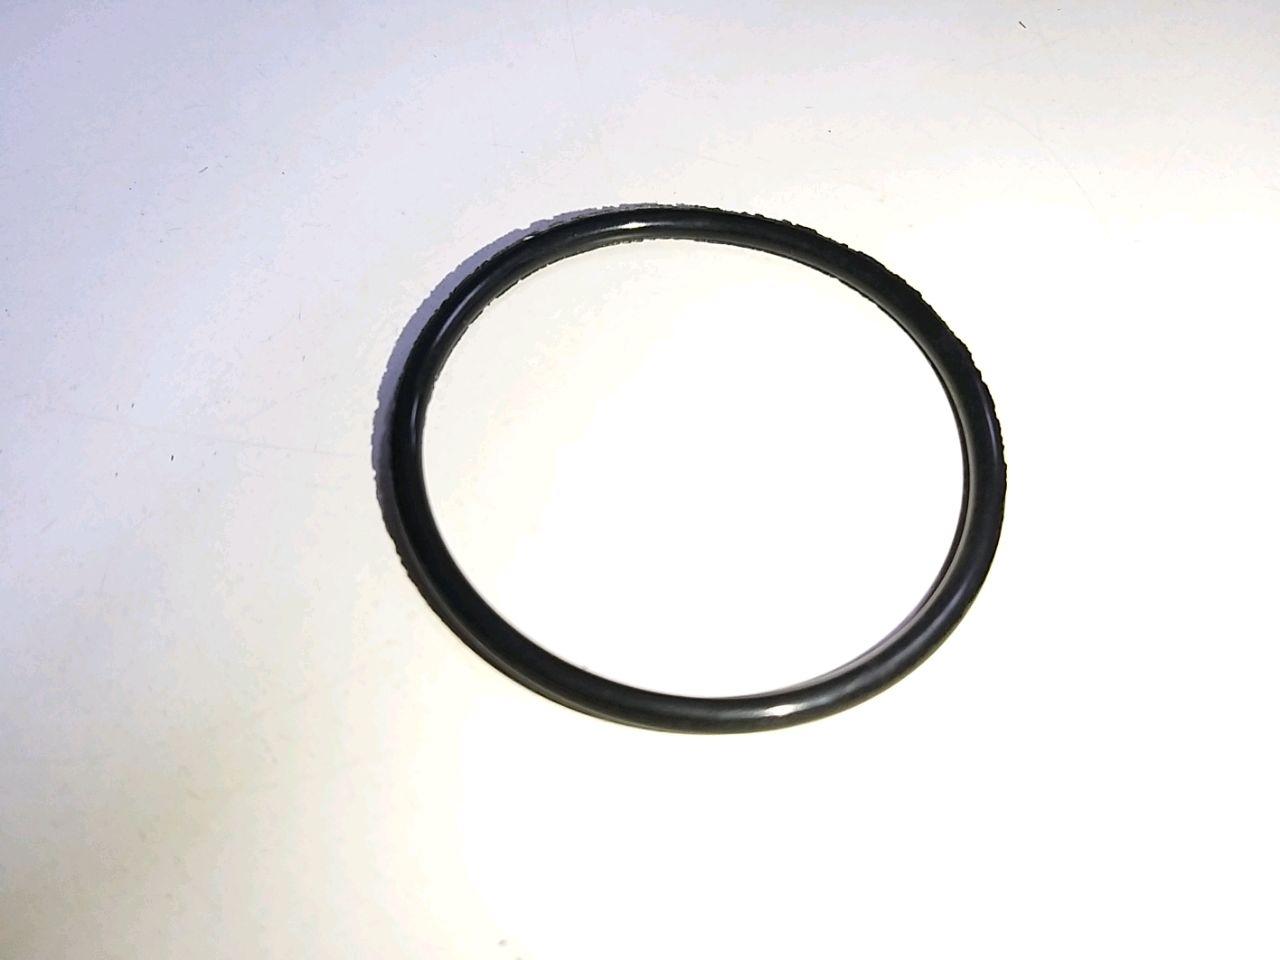 Inel de etansare 056-066-5.8